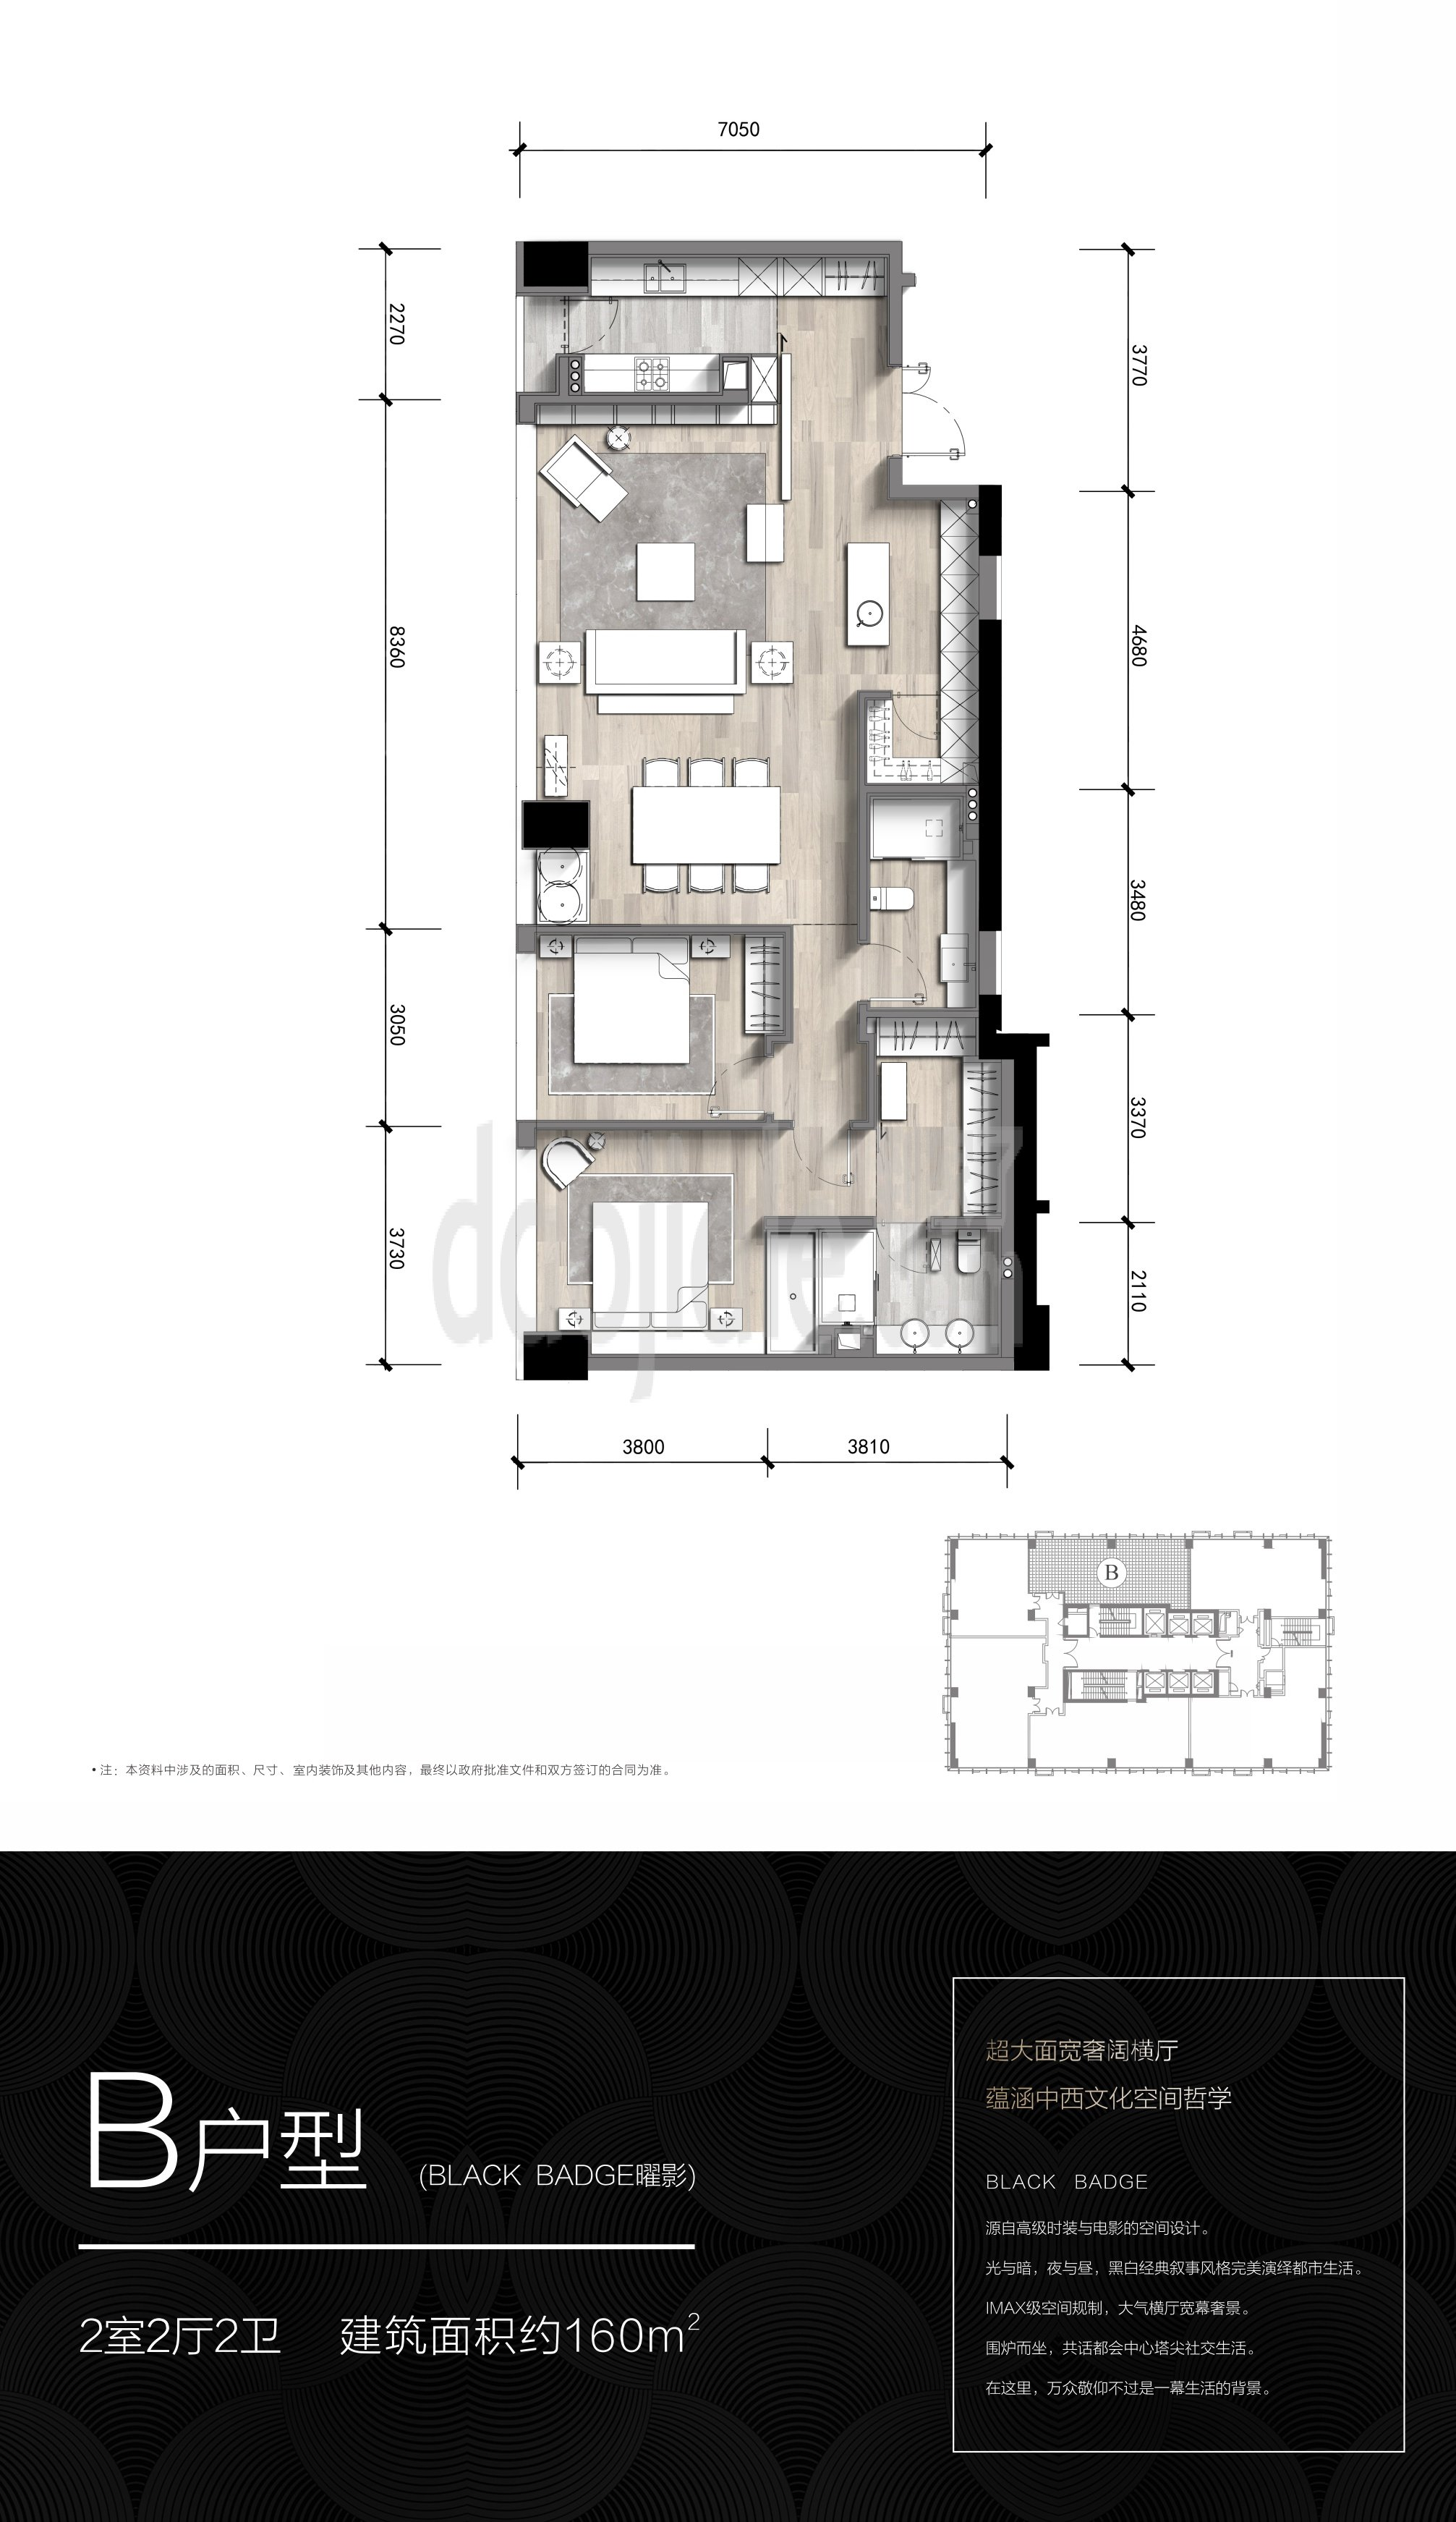 高新南区金融城新房中国华商交子公馆新房B户型户型图